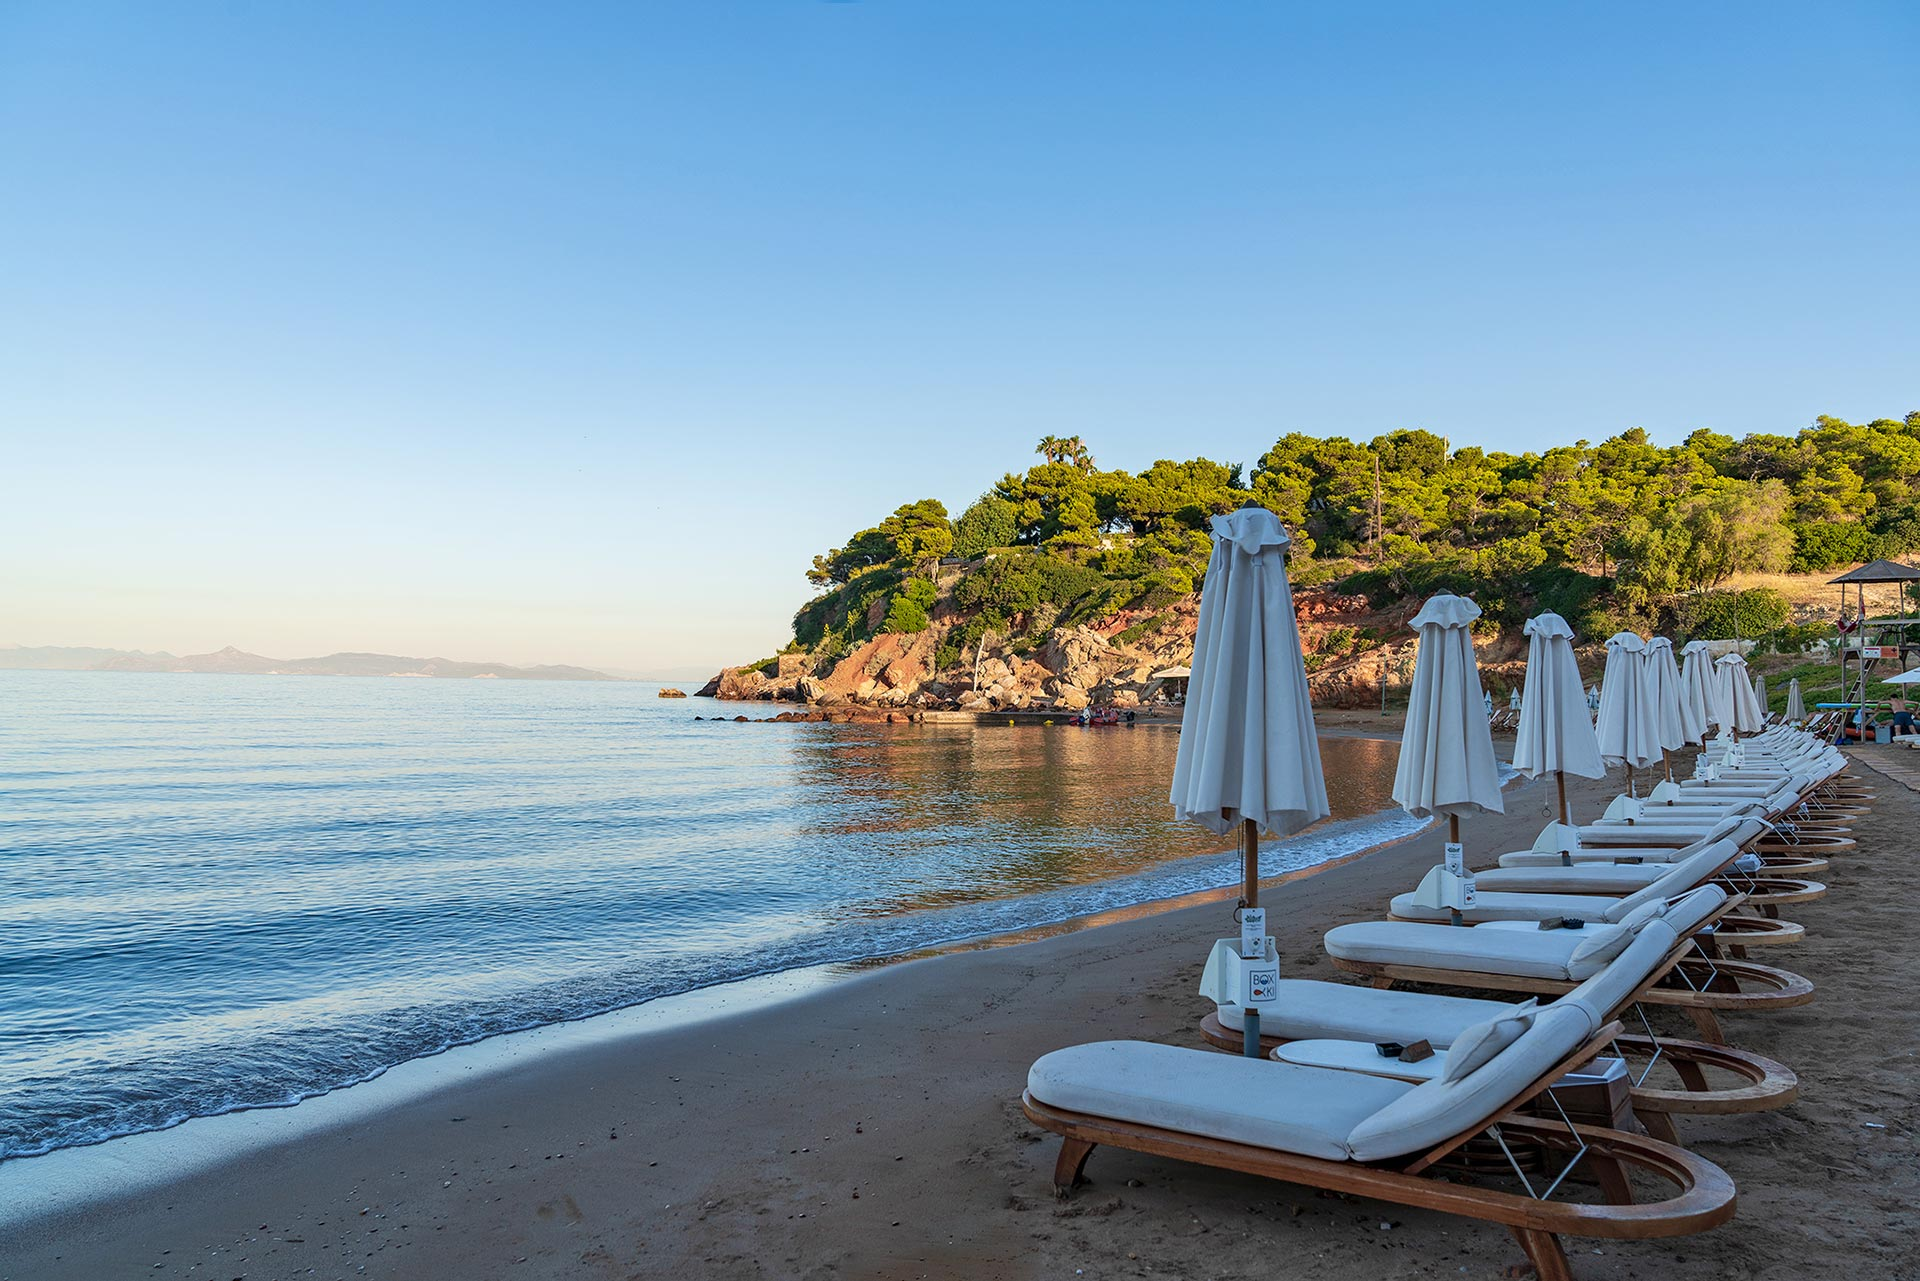 Παραλία Zen Beach & Restaurant στην Αθηναϊκή Ριβιέρα | Zen Beach